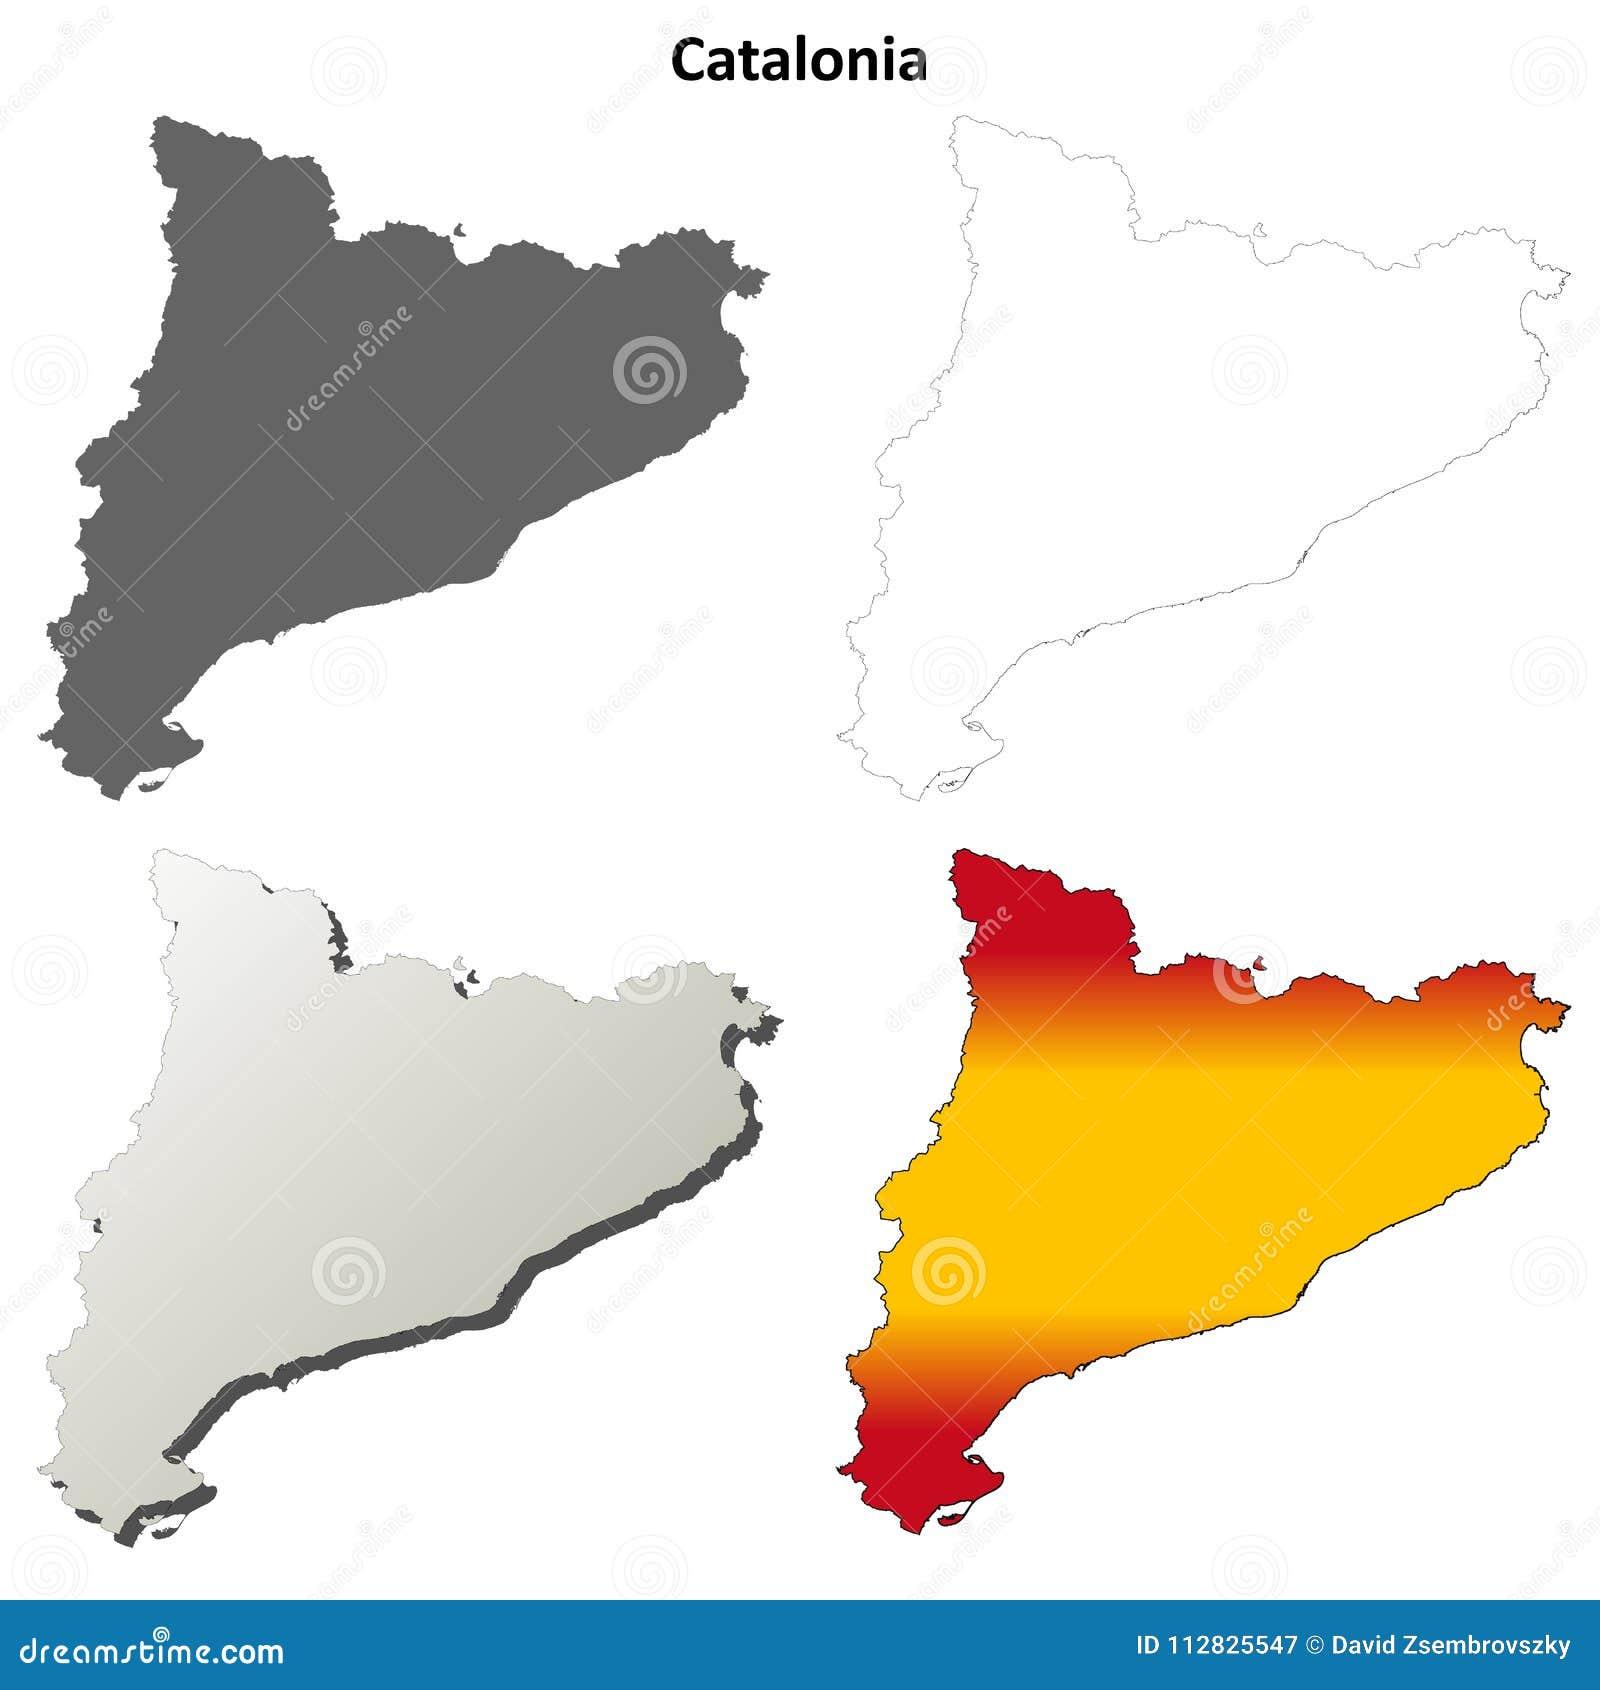 Cartina Catalogna.Insieme Dettagliato In Bianco Della Mappa Del Profilo Della Catalogna Illustrazione Vettoriale Illustrazione Di Blank Puntello 112825547